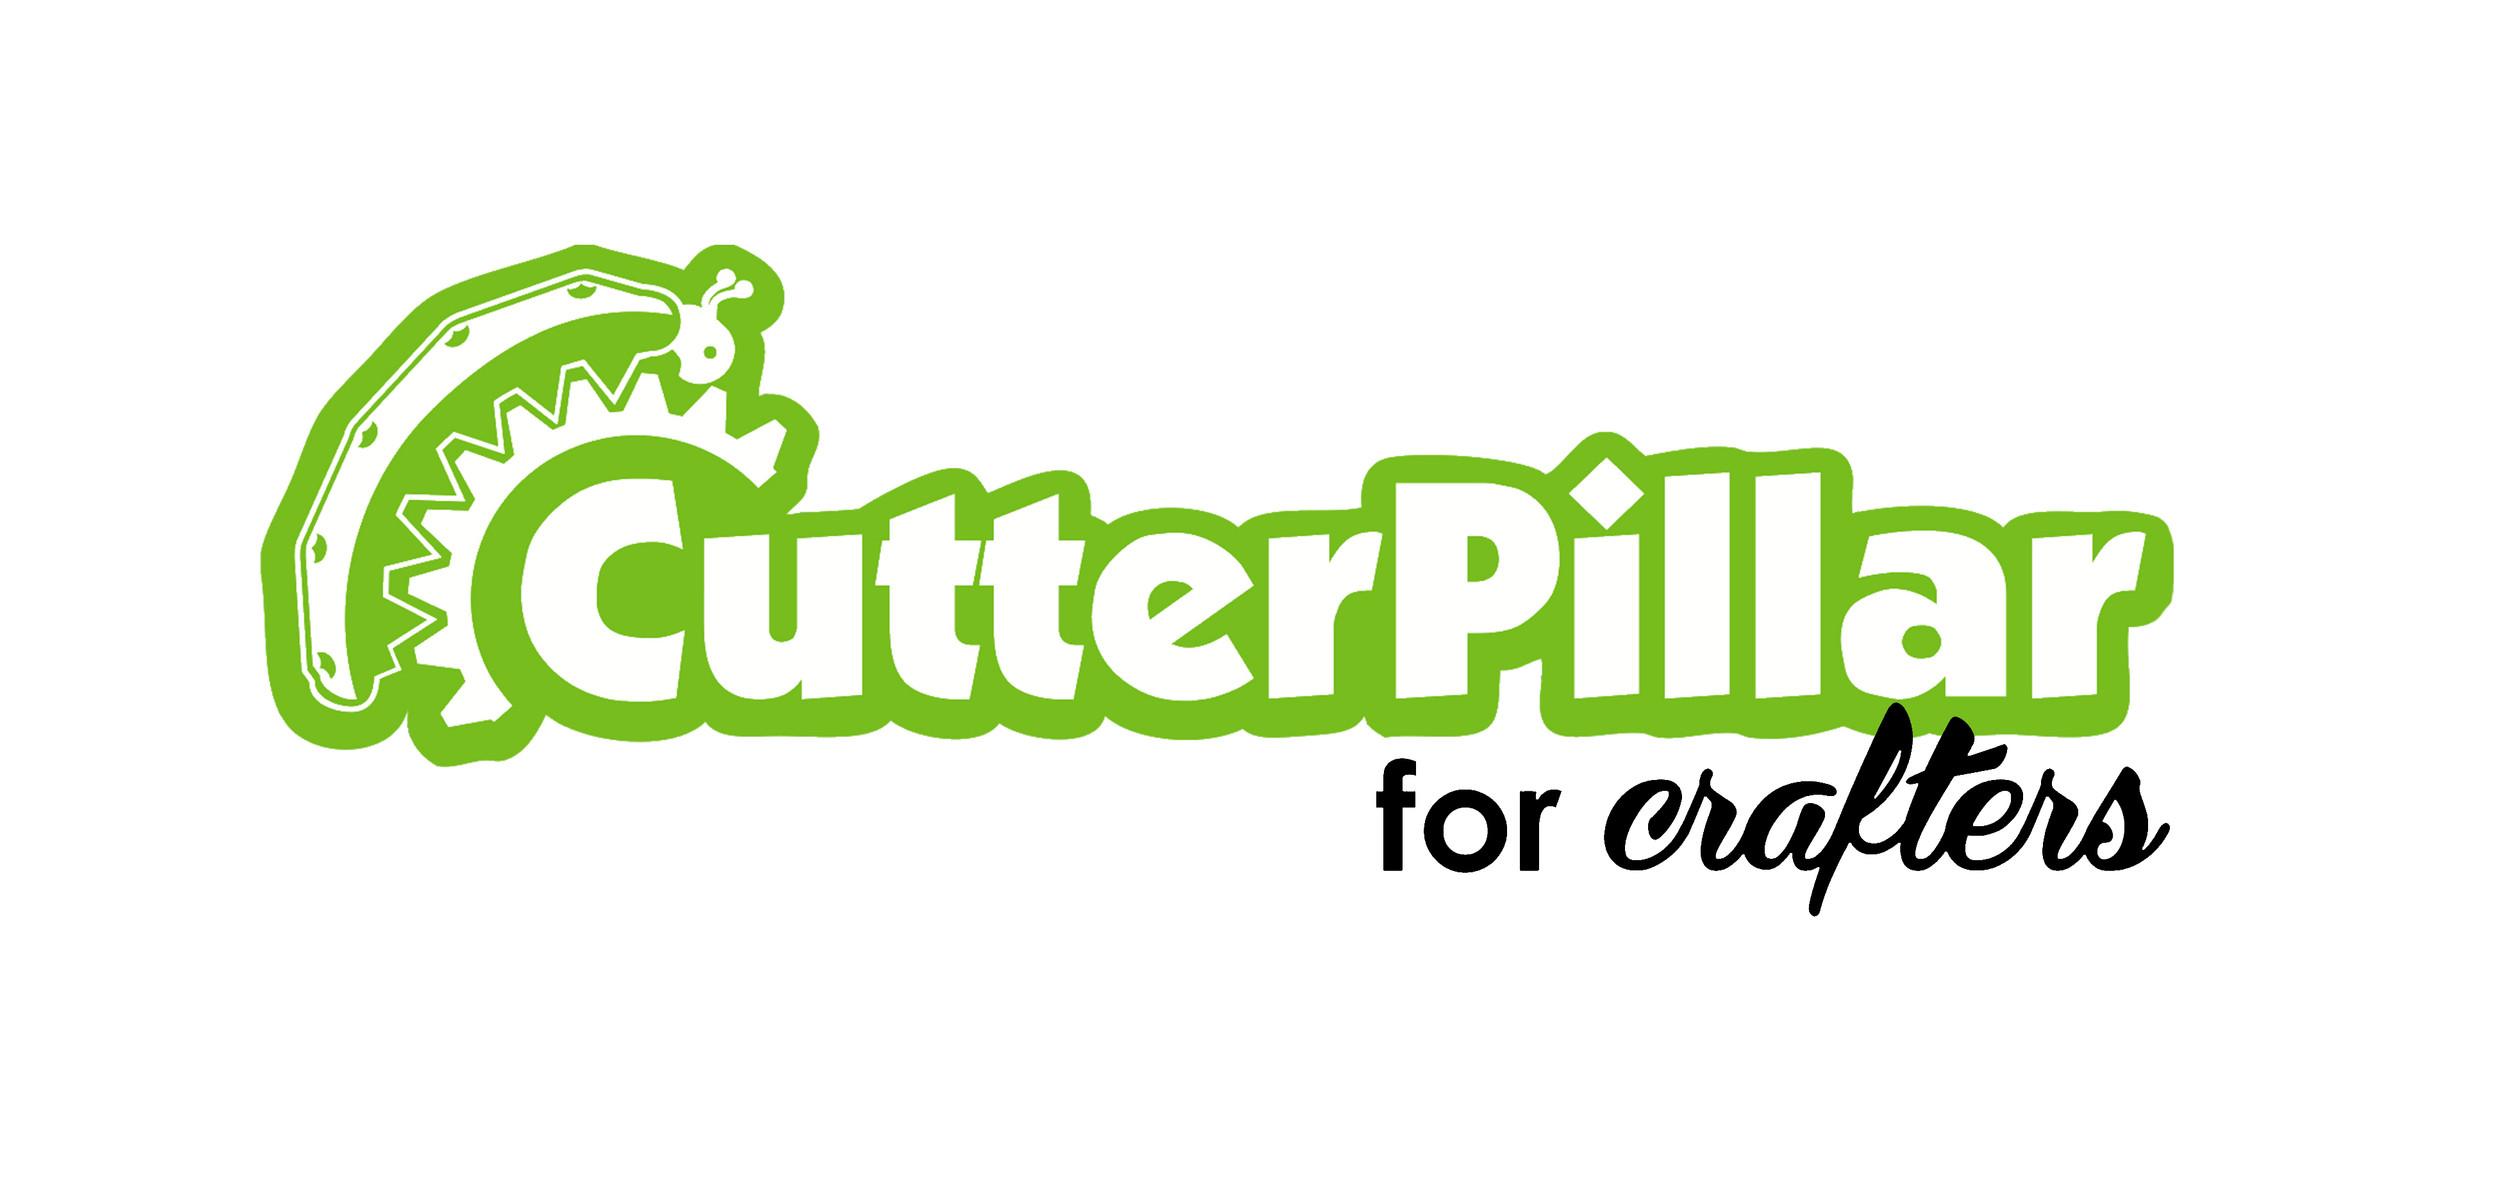 Cutterpillar Quilting Clamp